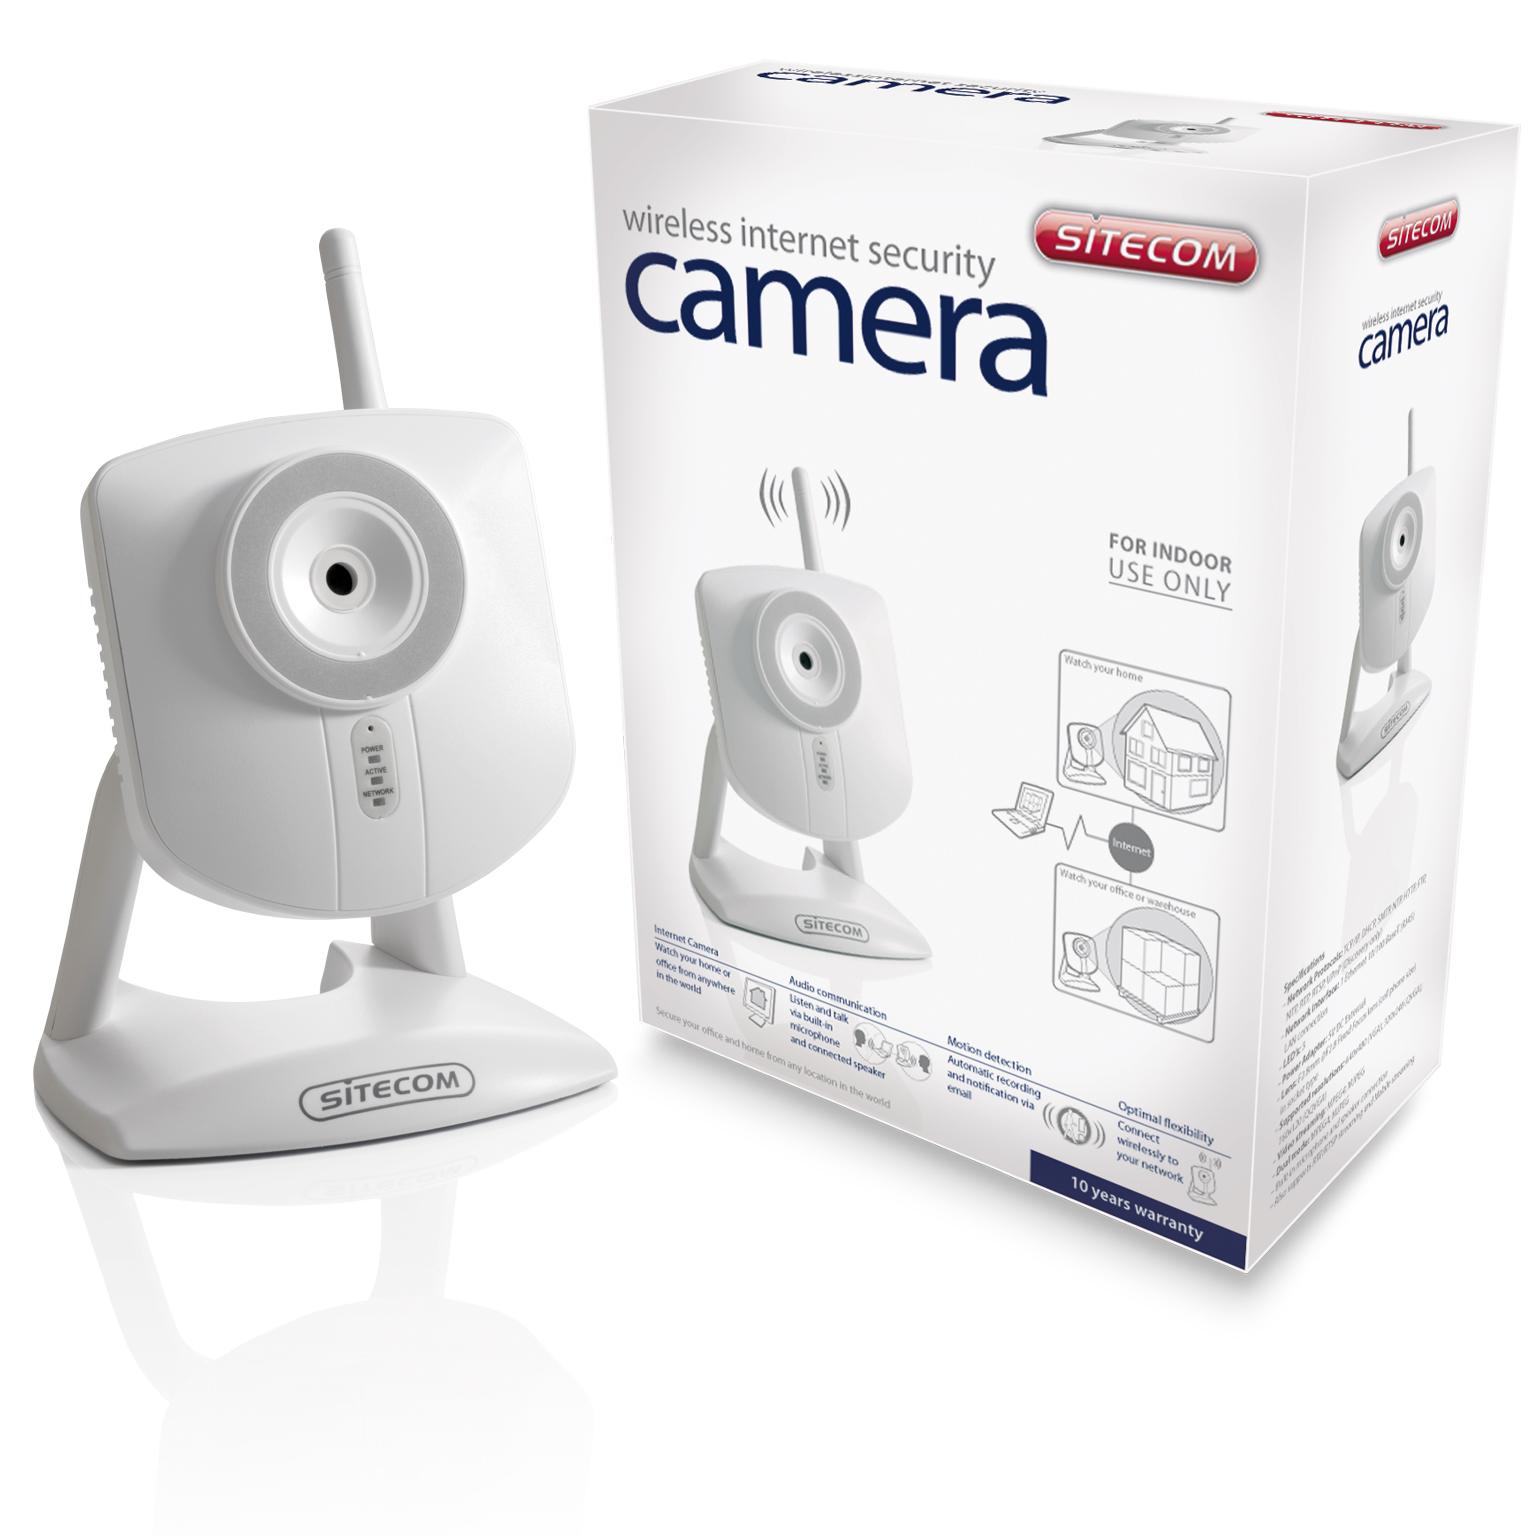 Nuove Internet Security IP Camera da Sitecom - errata corrige: prezzi corretti